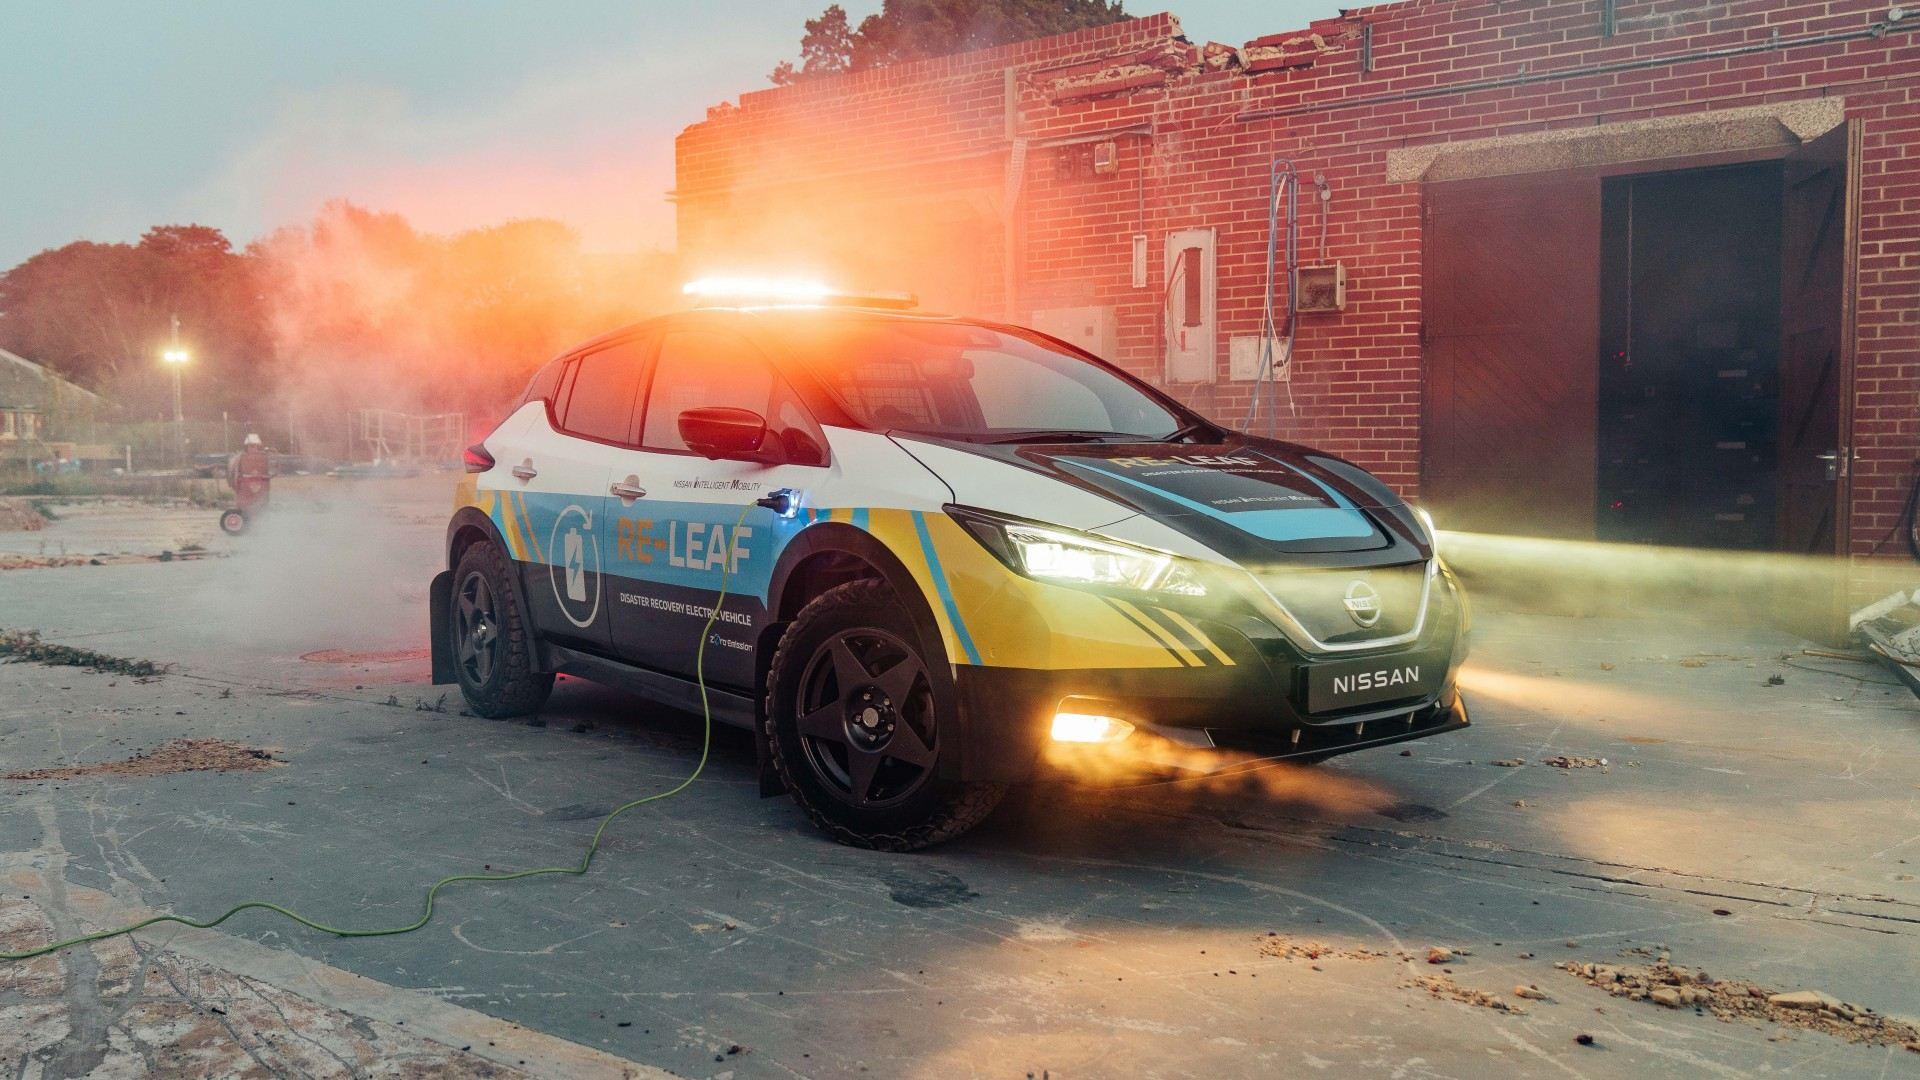 Nissan RE-Leaf, un prototipo capaz de suministrar energía en tiempos de desastre